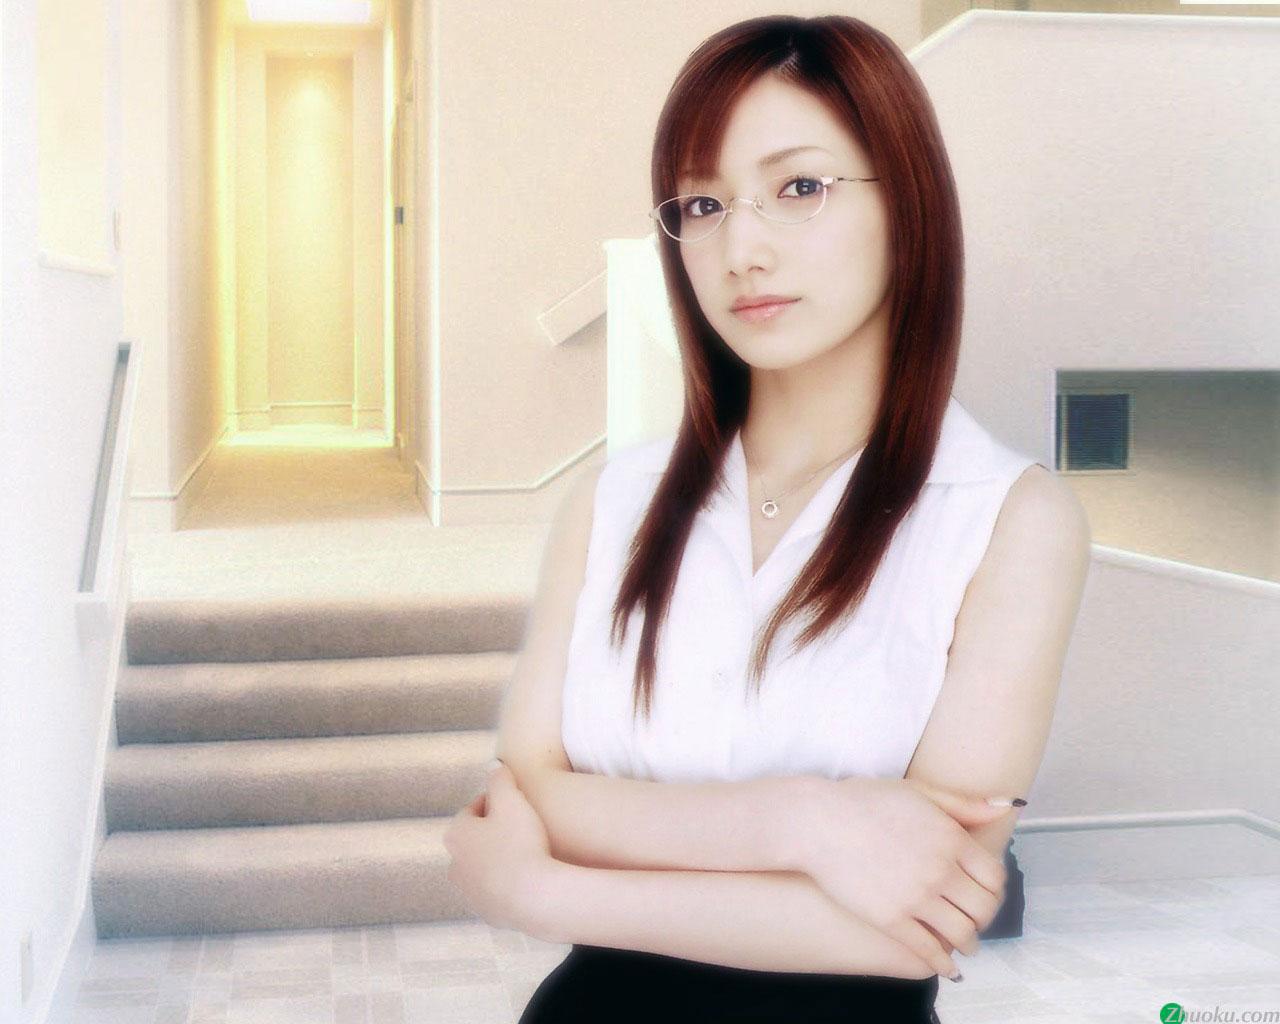 【メガネエロ画像】エロはいいから眼鏡かけた女の子が見たいという方に捧げる画像集! 24